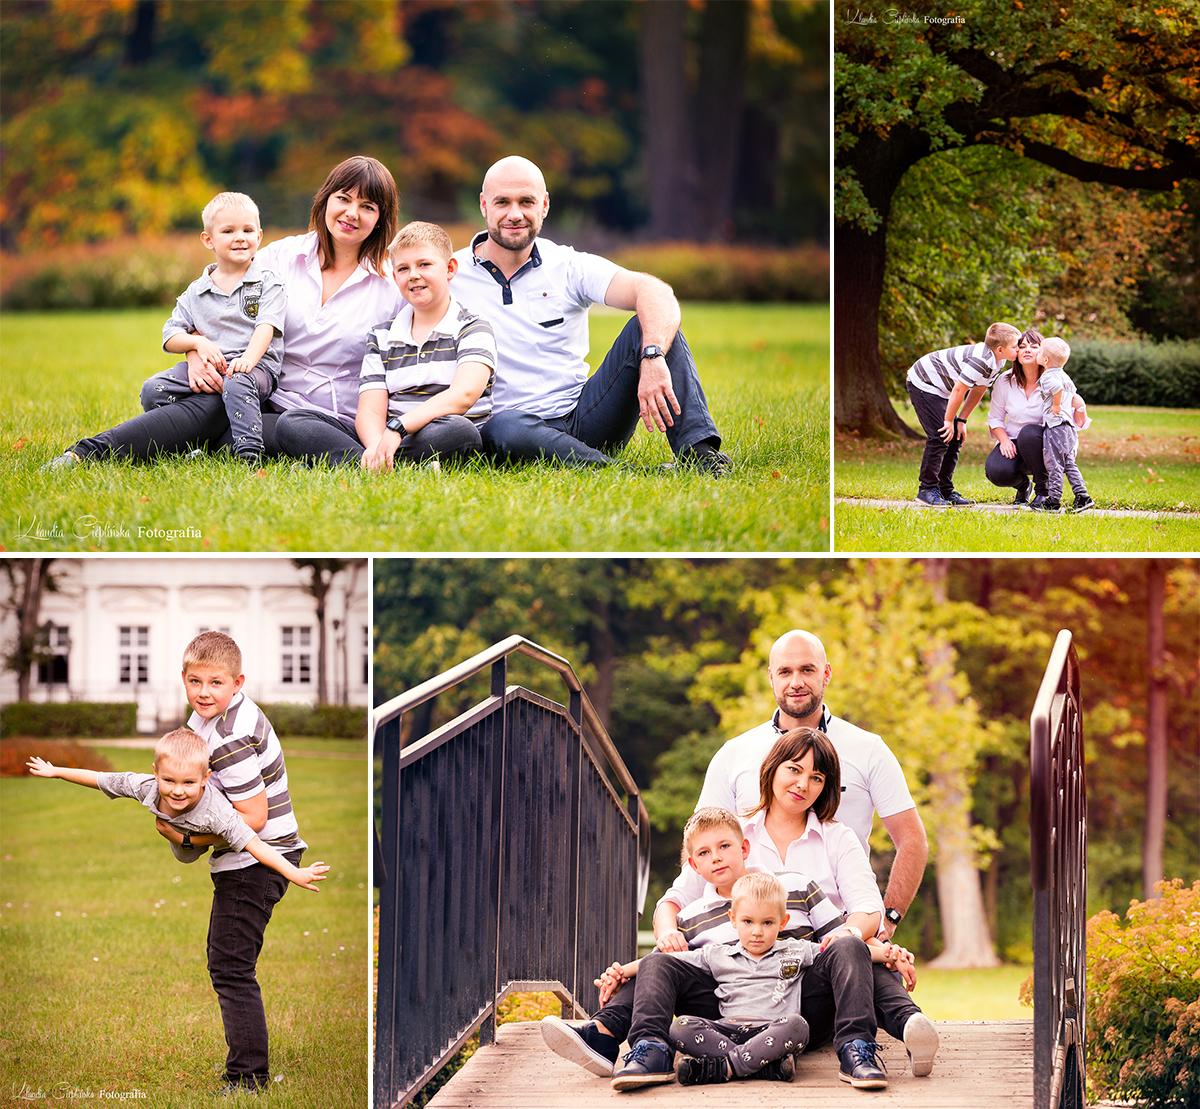 Plenerowe zdjęcia rodzinna Jelenia Góra i okolice. Zapraszam serdecznie profesjonalna fotografia rodzinna, sesje plenerowe, zdjęcia podczas sesji brzuszkowej.